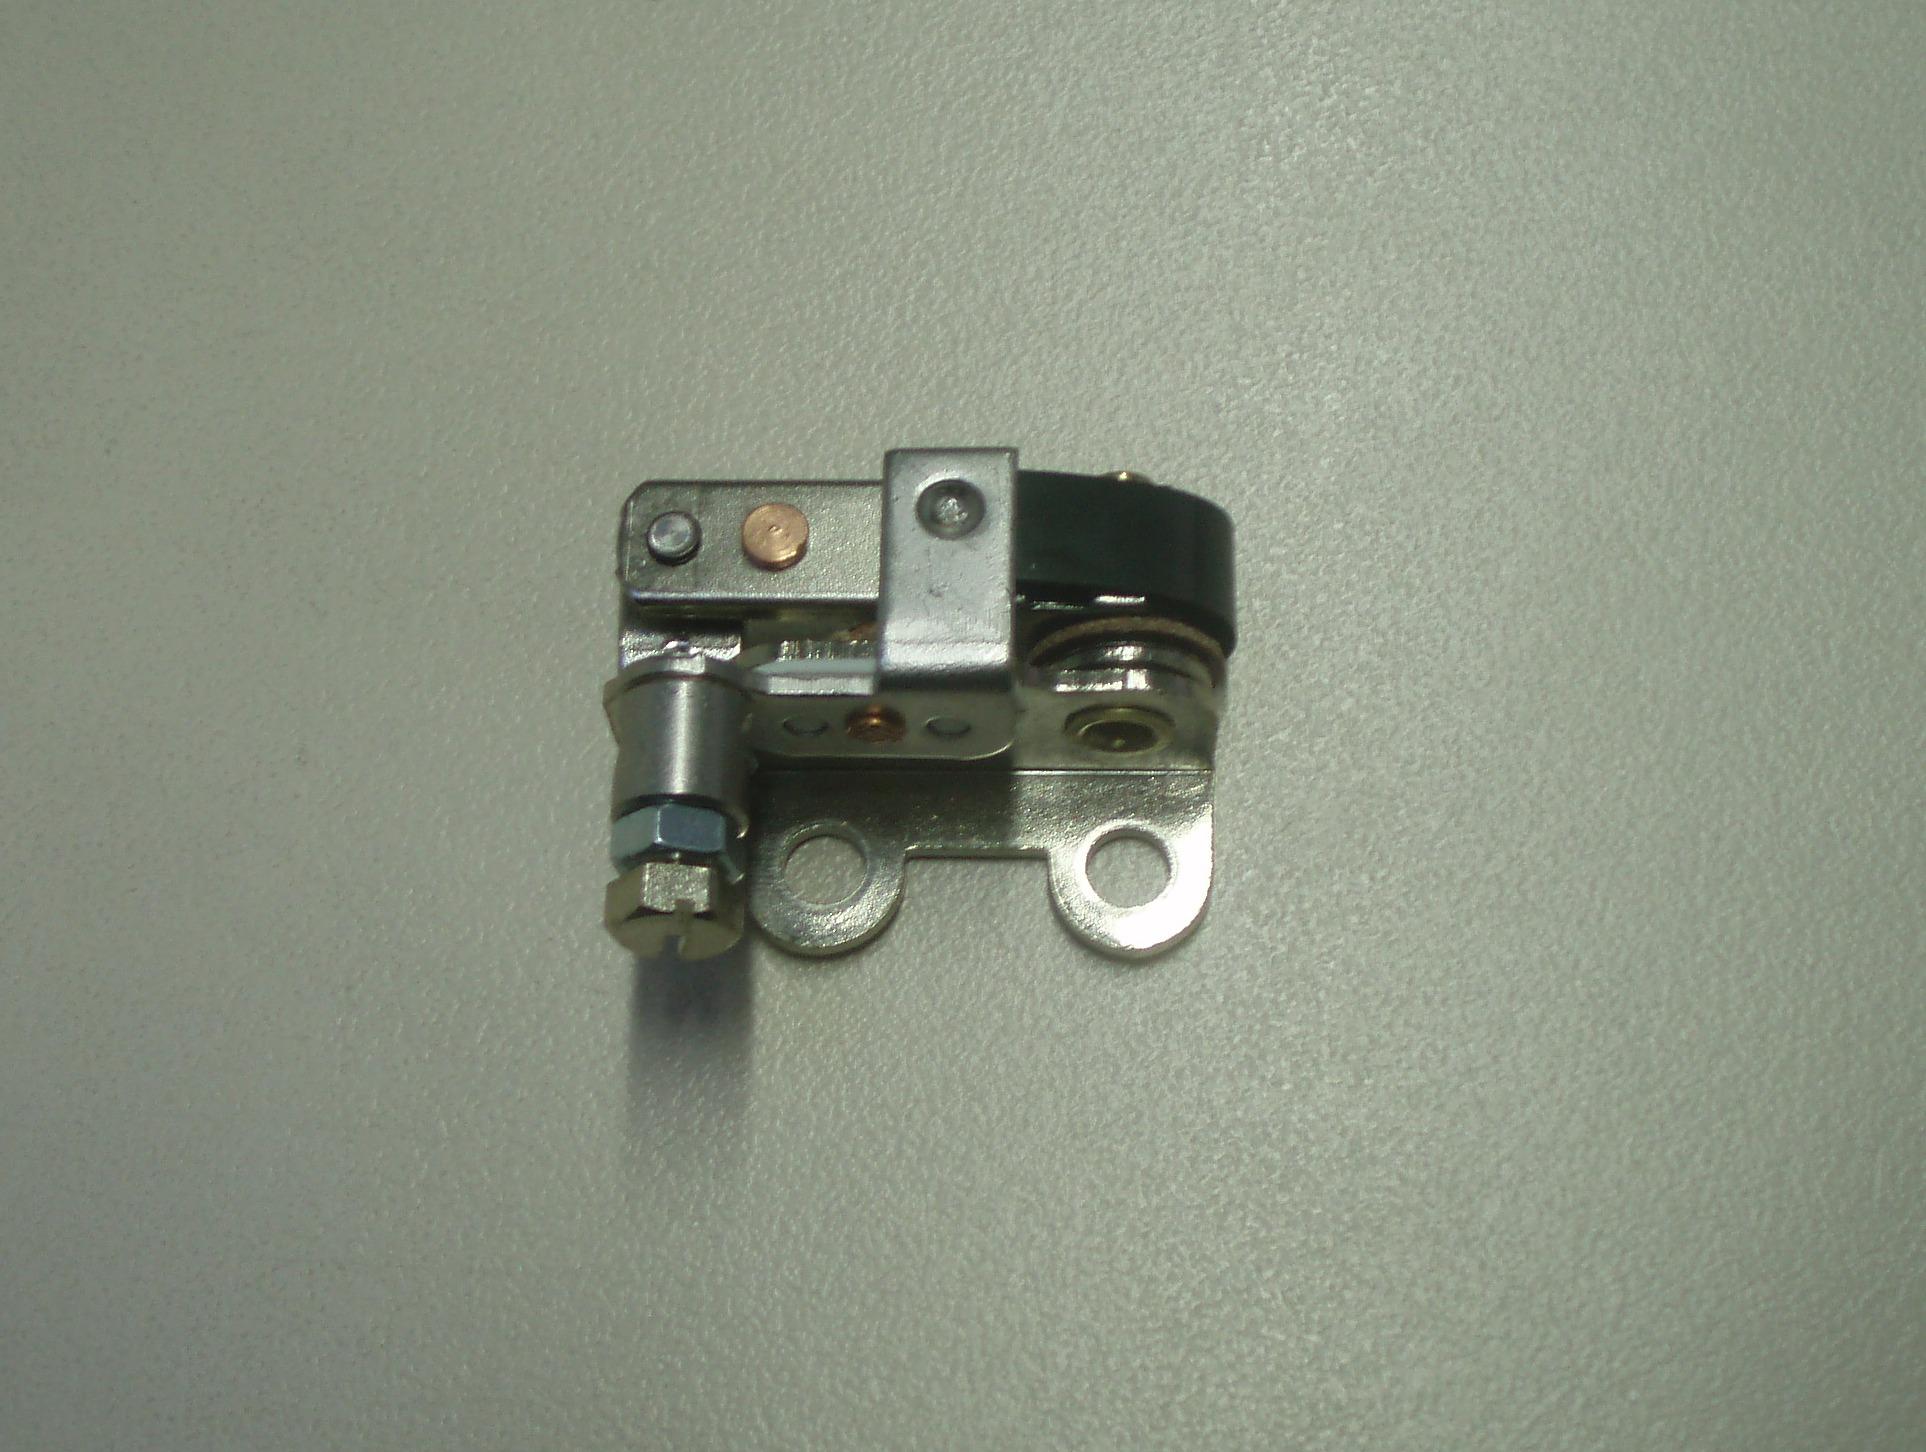 Rupteur allumage IM250 IM300 IM350 IM359 LA250 LA300 LA400 LA490 LOMBARDINI INTERMOTOR 5040006